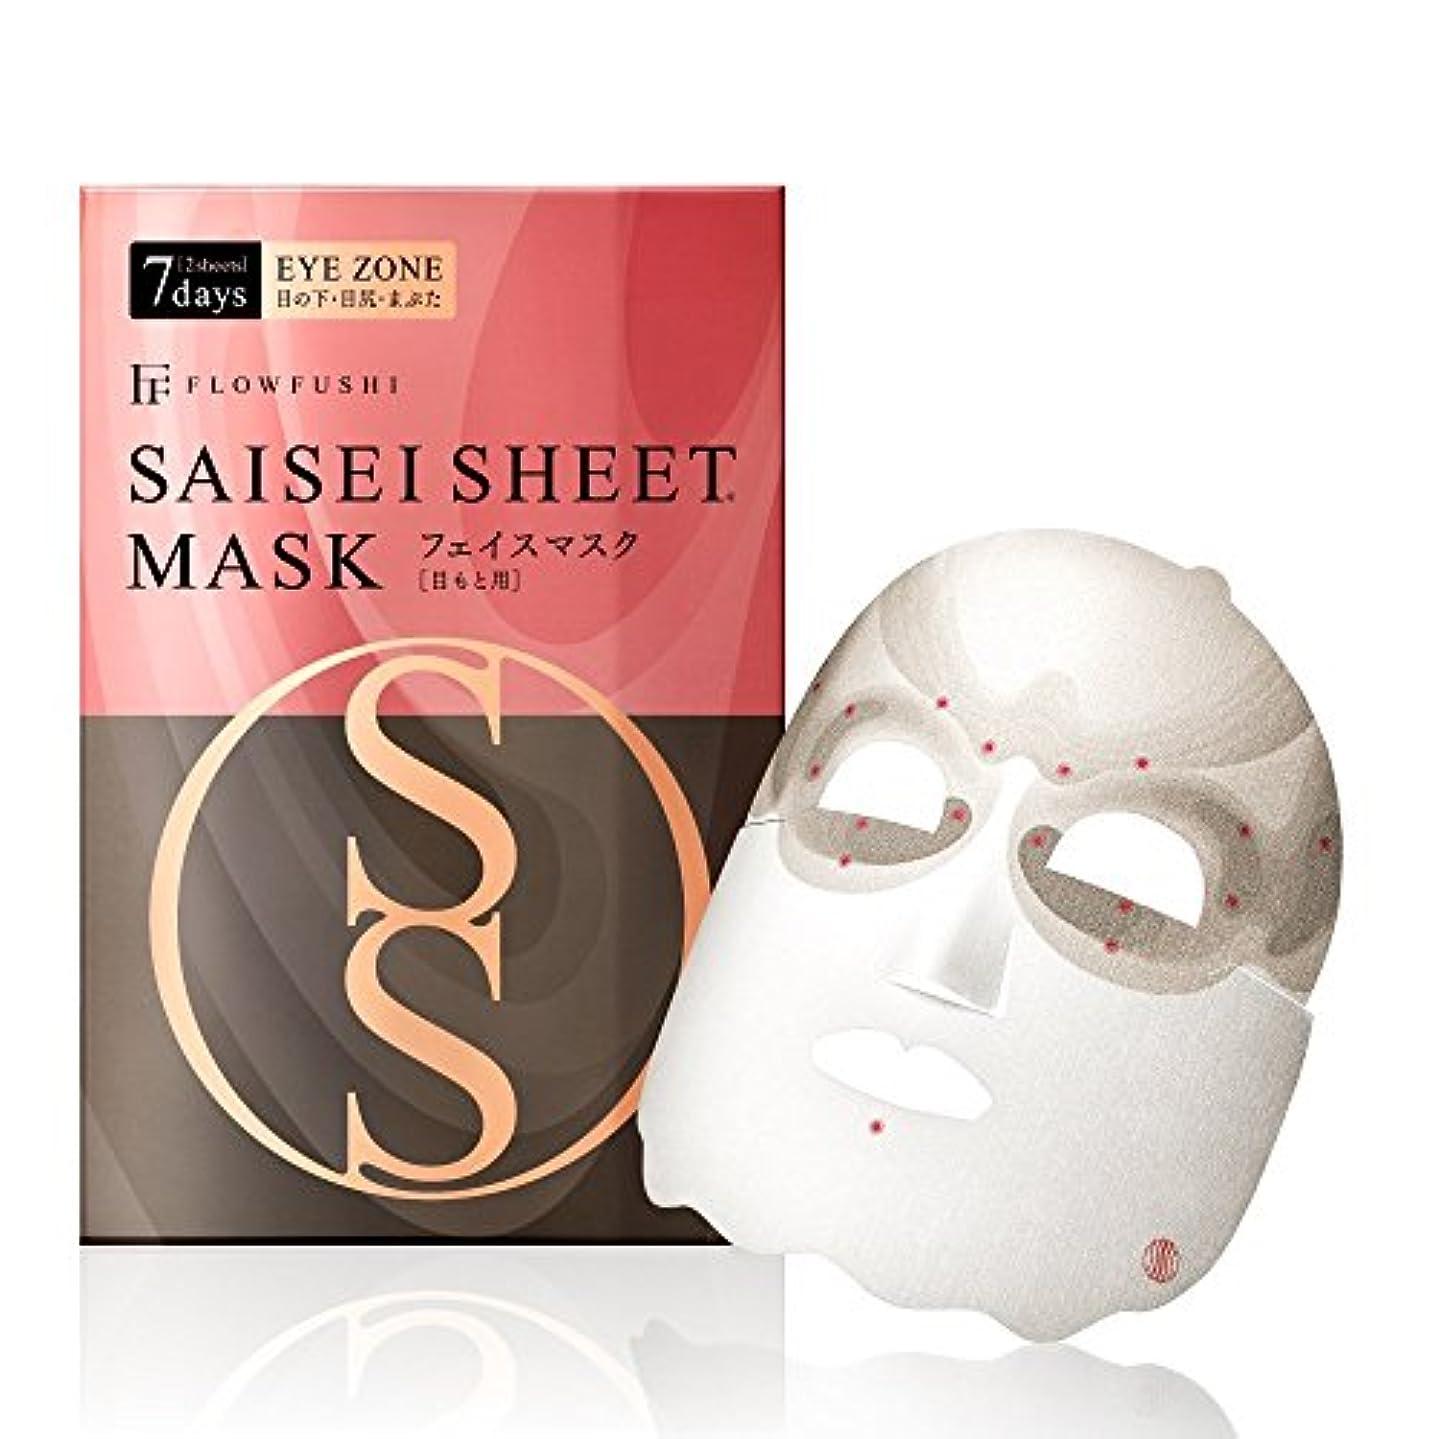 そして倒錯モロニックSAISEIシート マスク [目もと用] 7days 2sheets